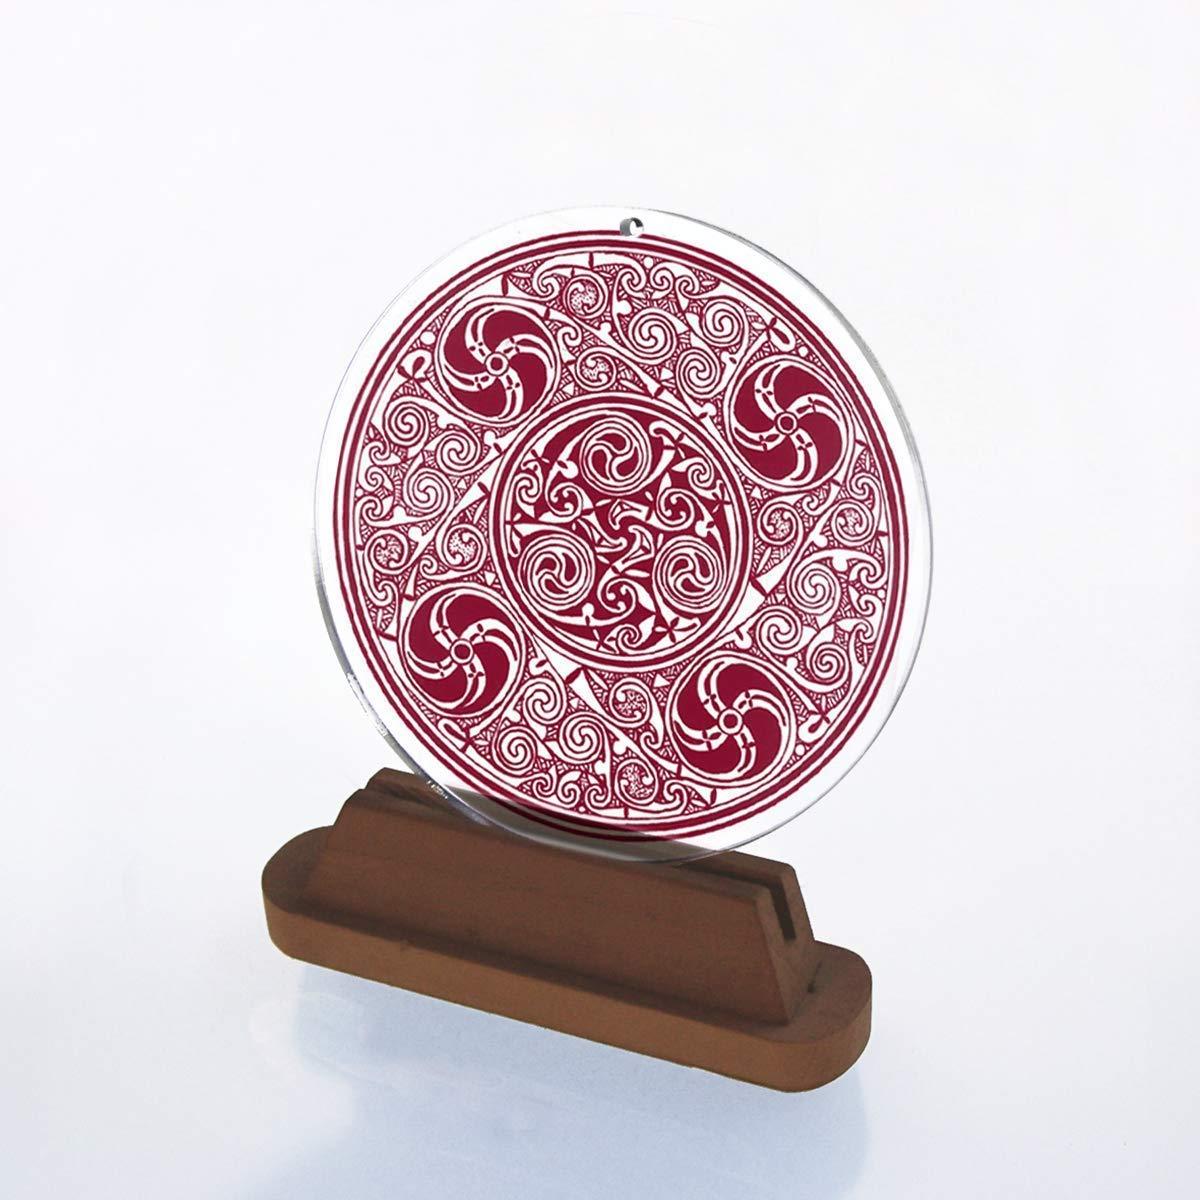 52 Sonnenf/änger Mandala 4 /Ø 10cm Glasbild rund Gothik keltisches Symbol Aufh/änger Fensterbild bruchsicheres Acrylglas Suncatcher Blickfang Geschenk Dekoration rot Nr EINWEG Verpackung